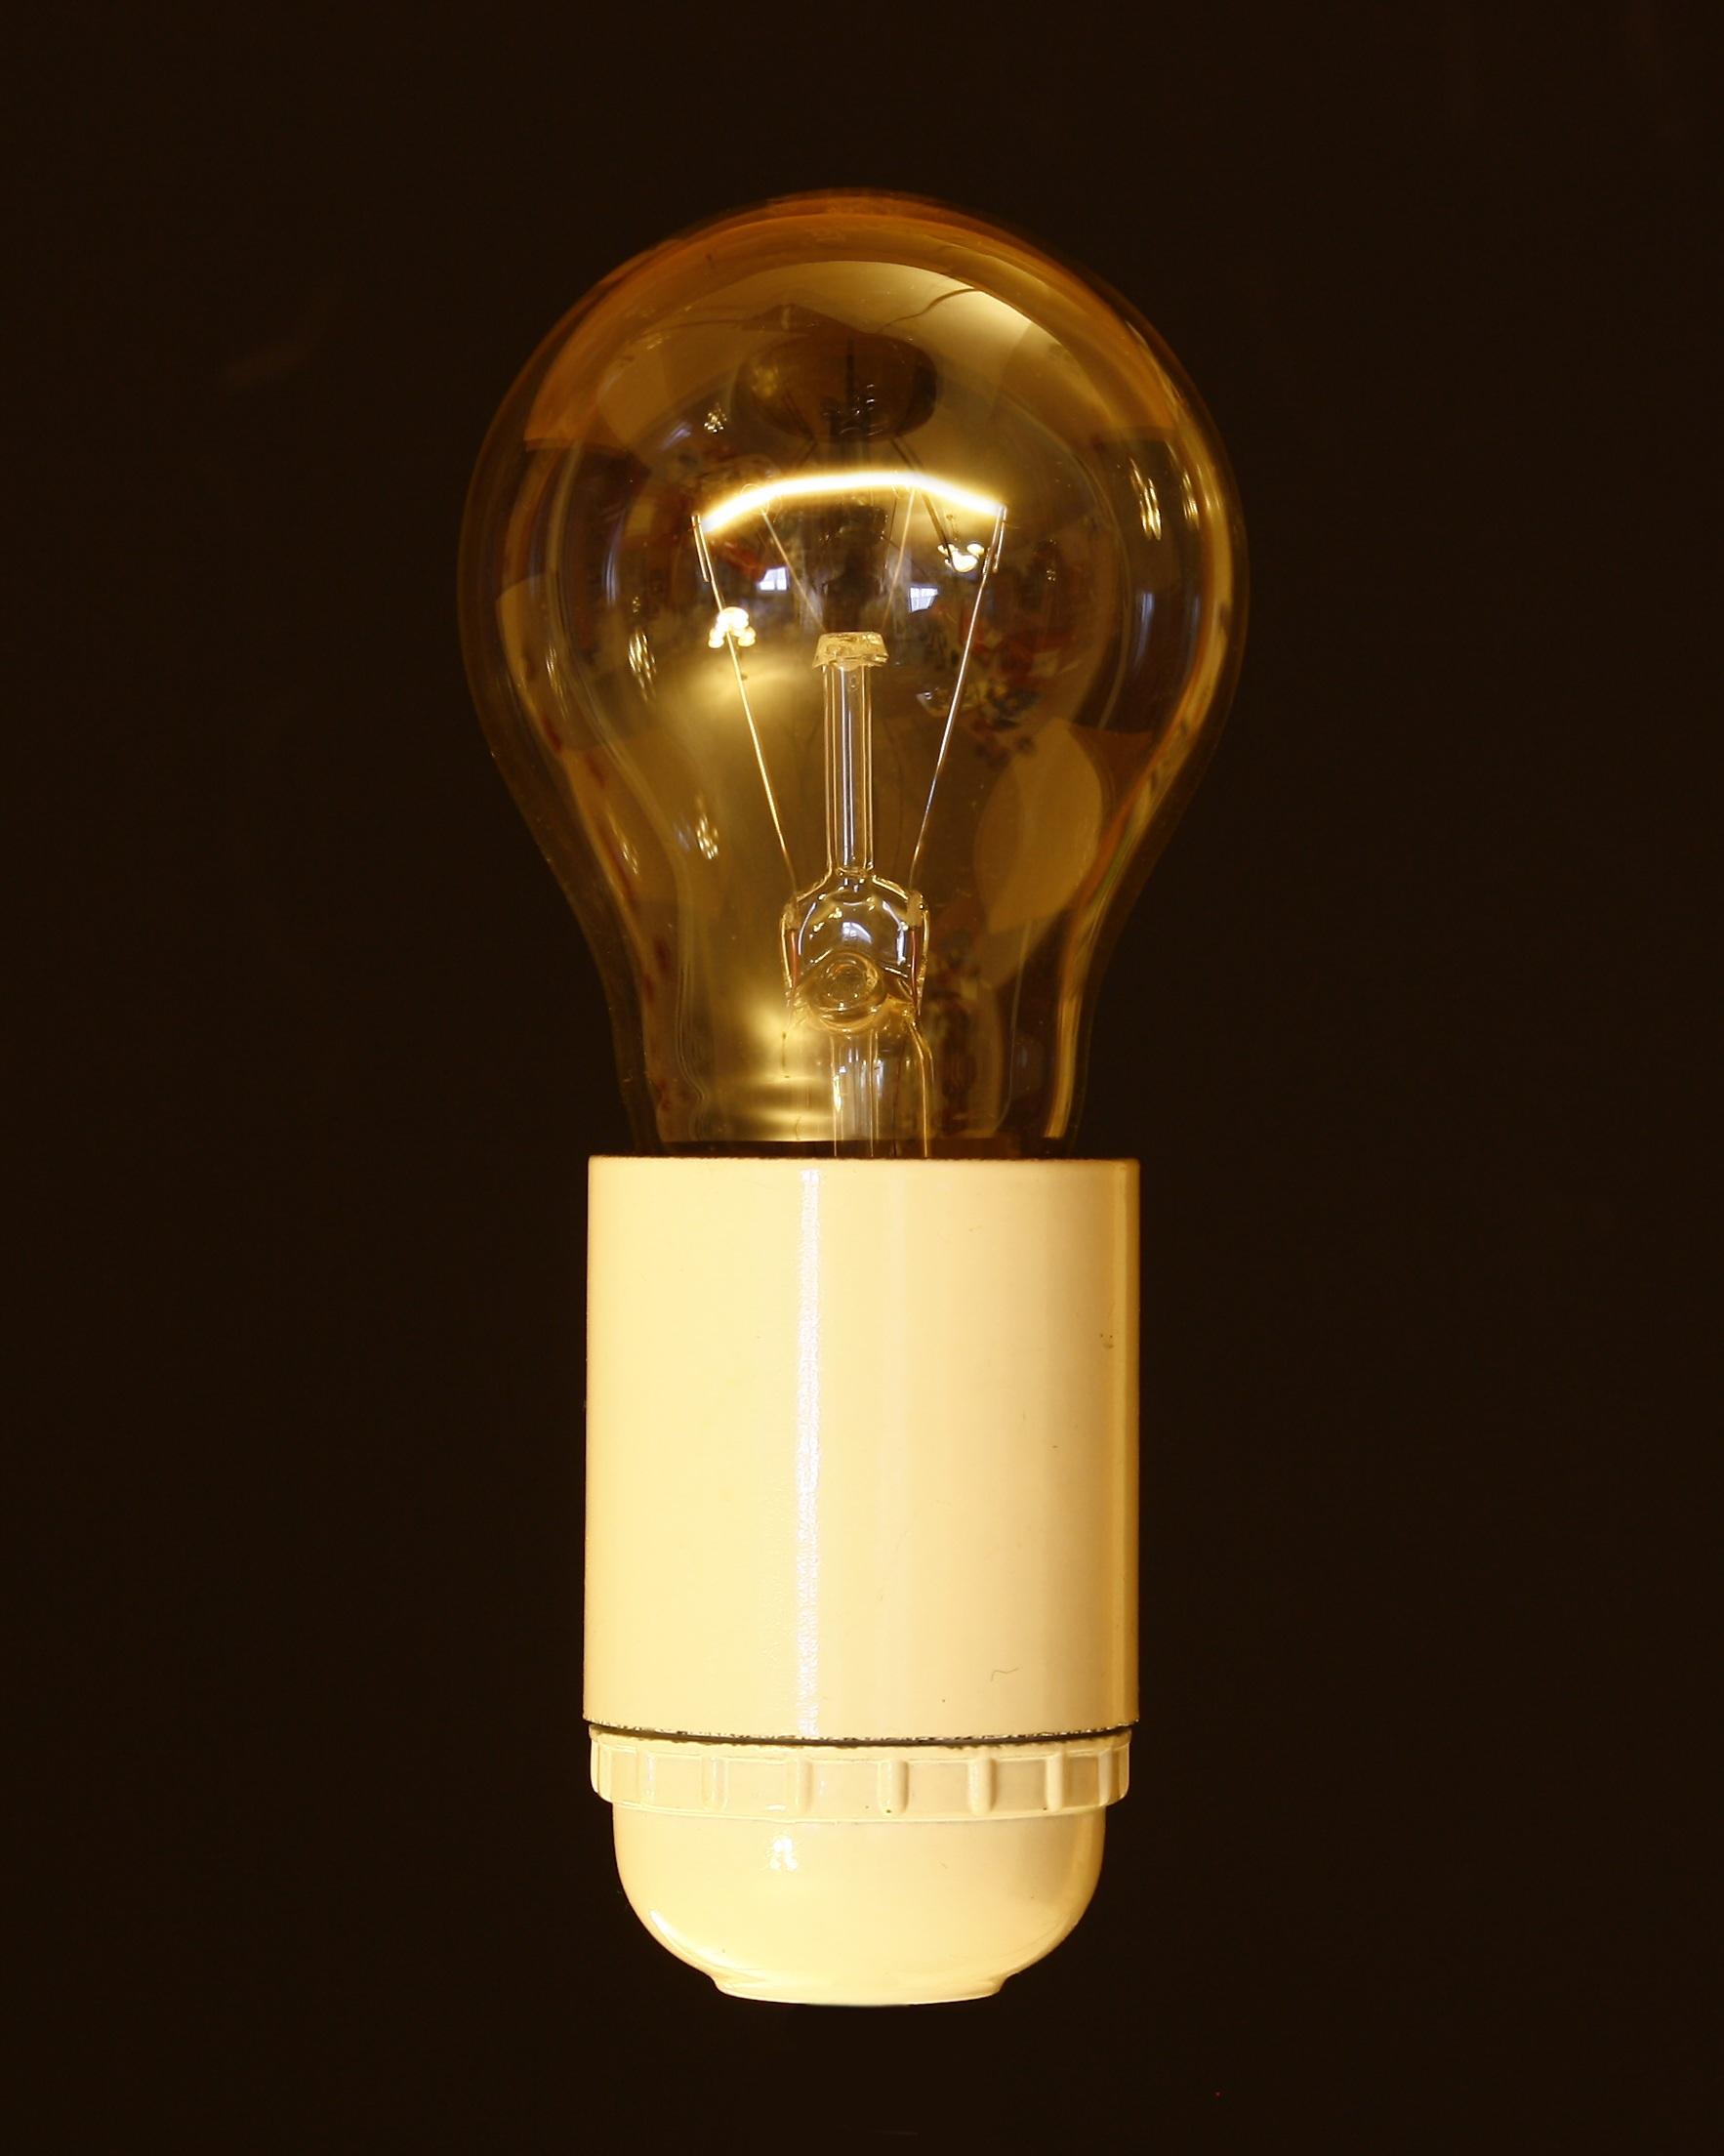 lampe gl hbirne swalif. Black Bedroom Furniture Sets. Home Design Ideas